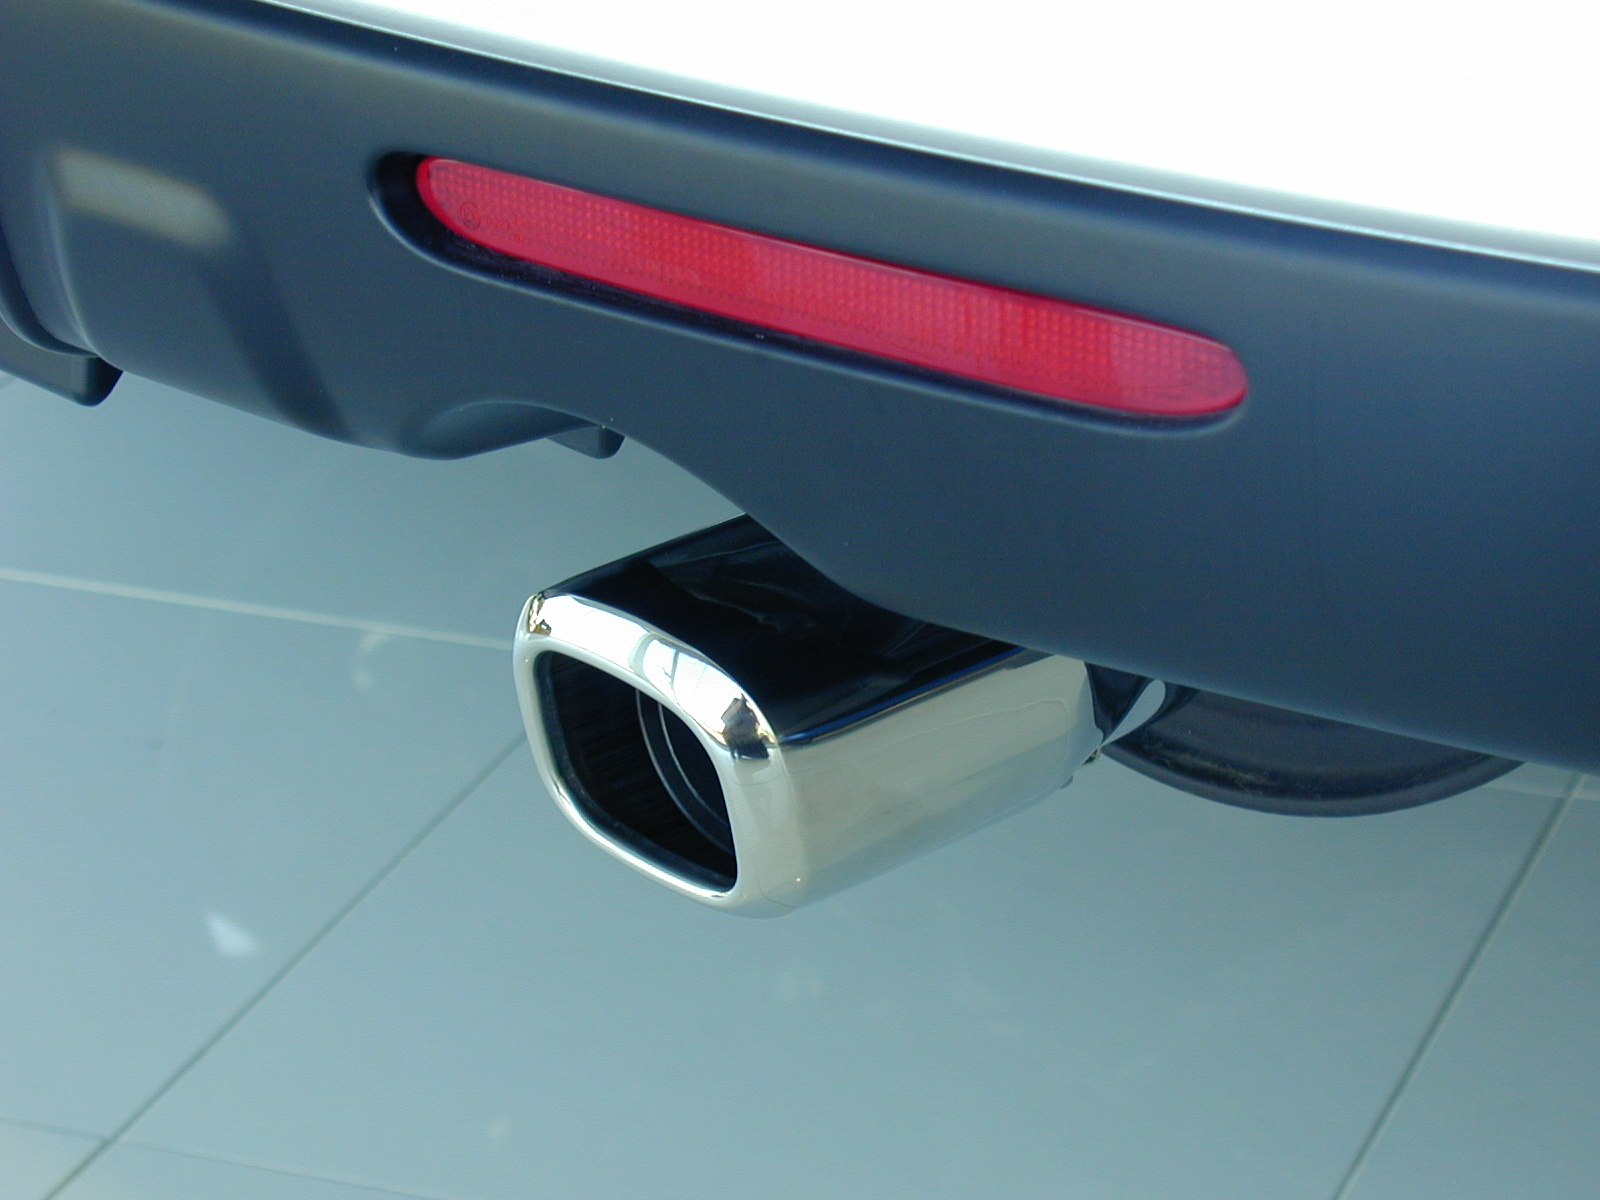 PN:14-001 (Honda CRV)